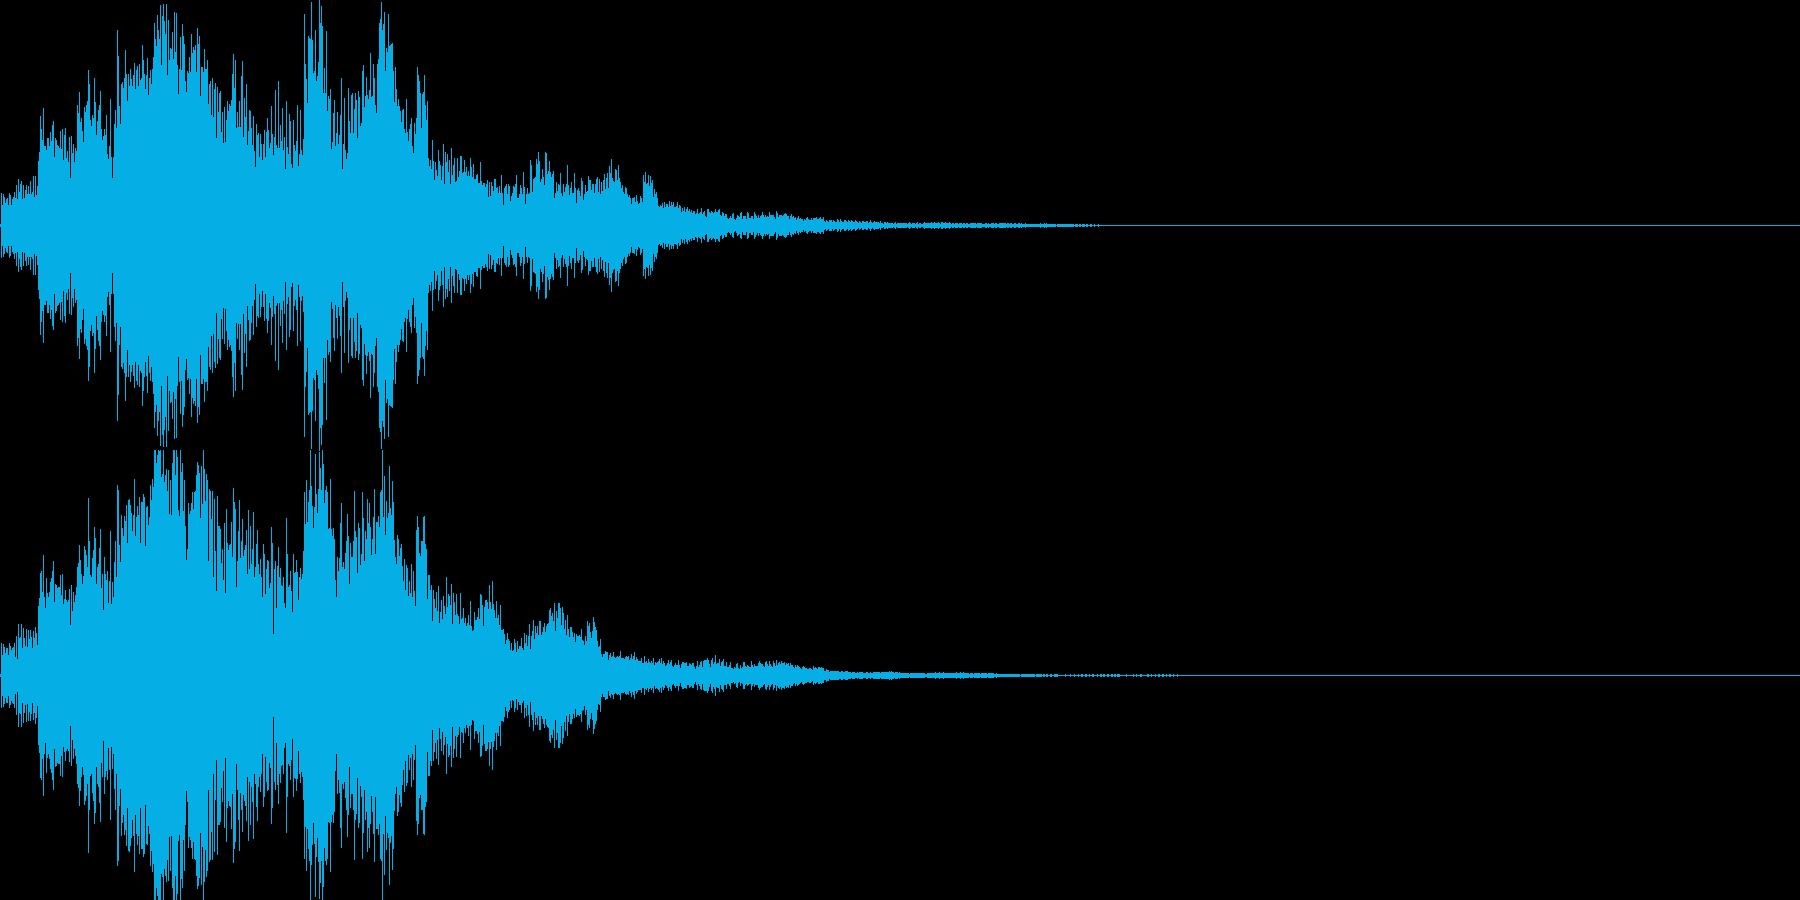 システム音05_シンセ(和風)の再生済みの波形